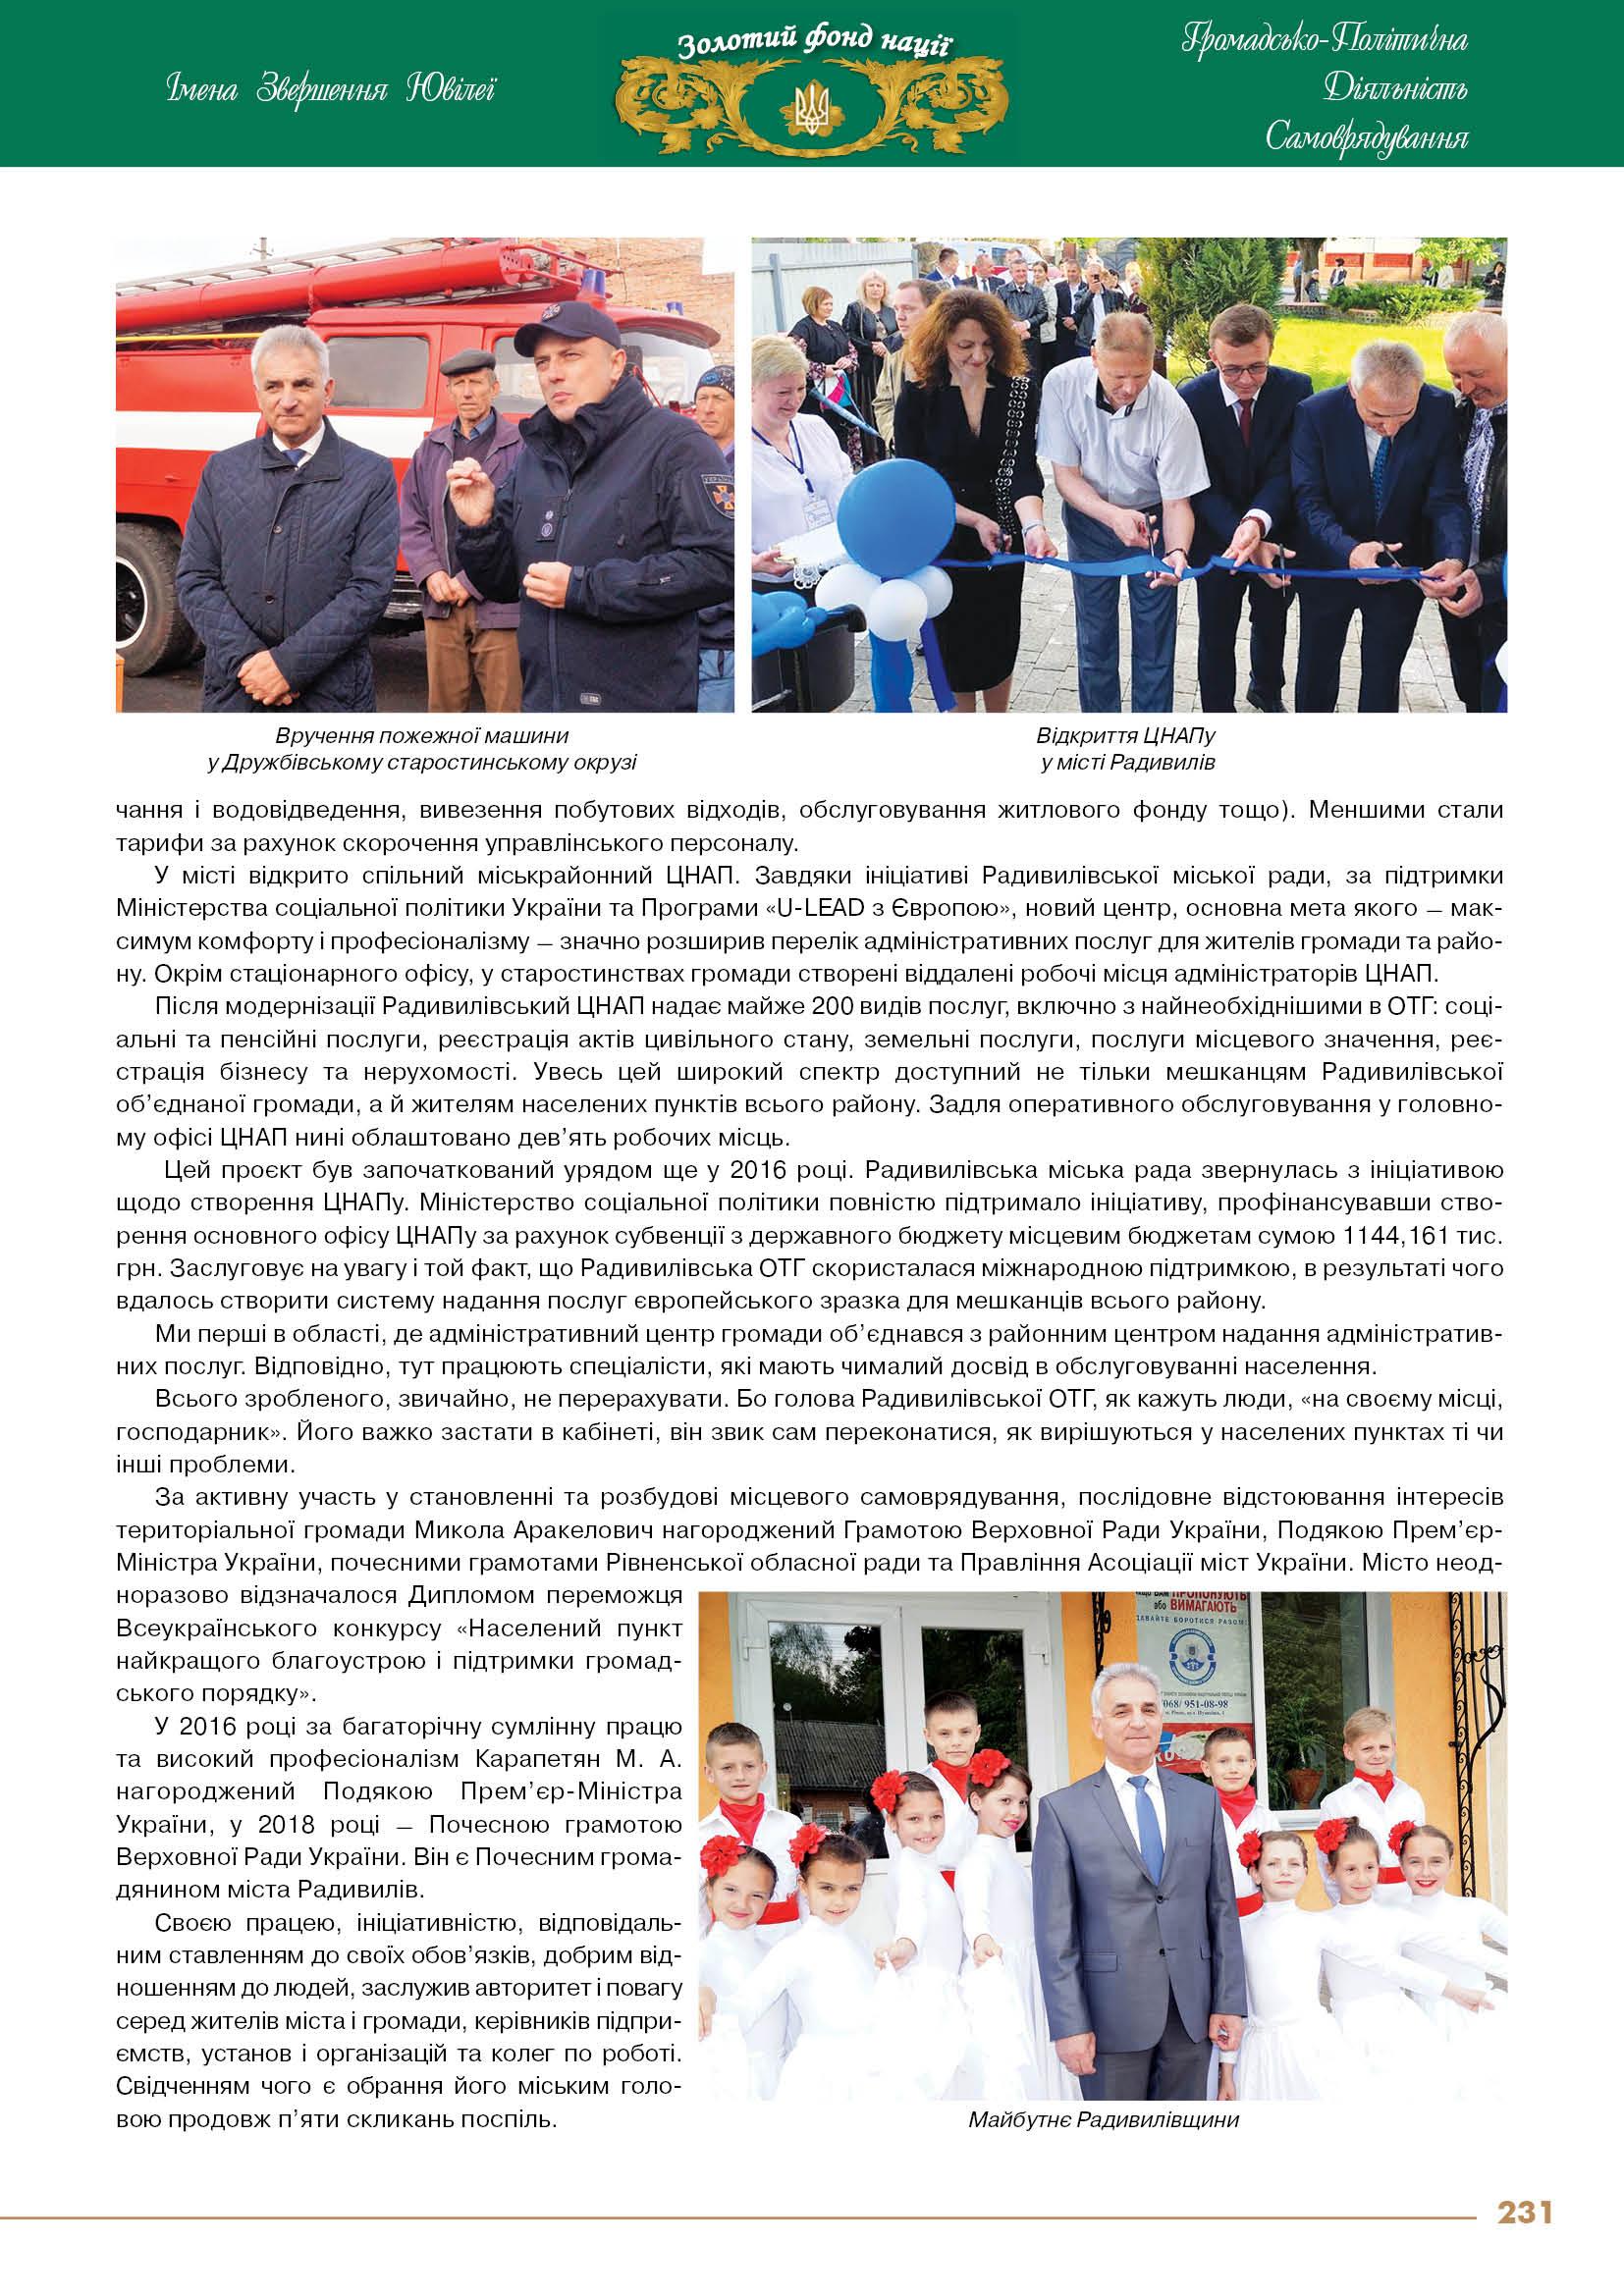 Карапетян Микола Аракелович